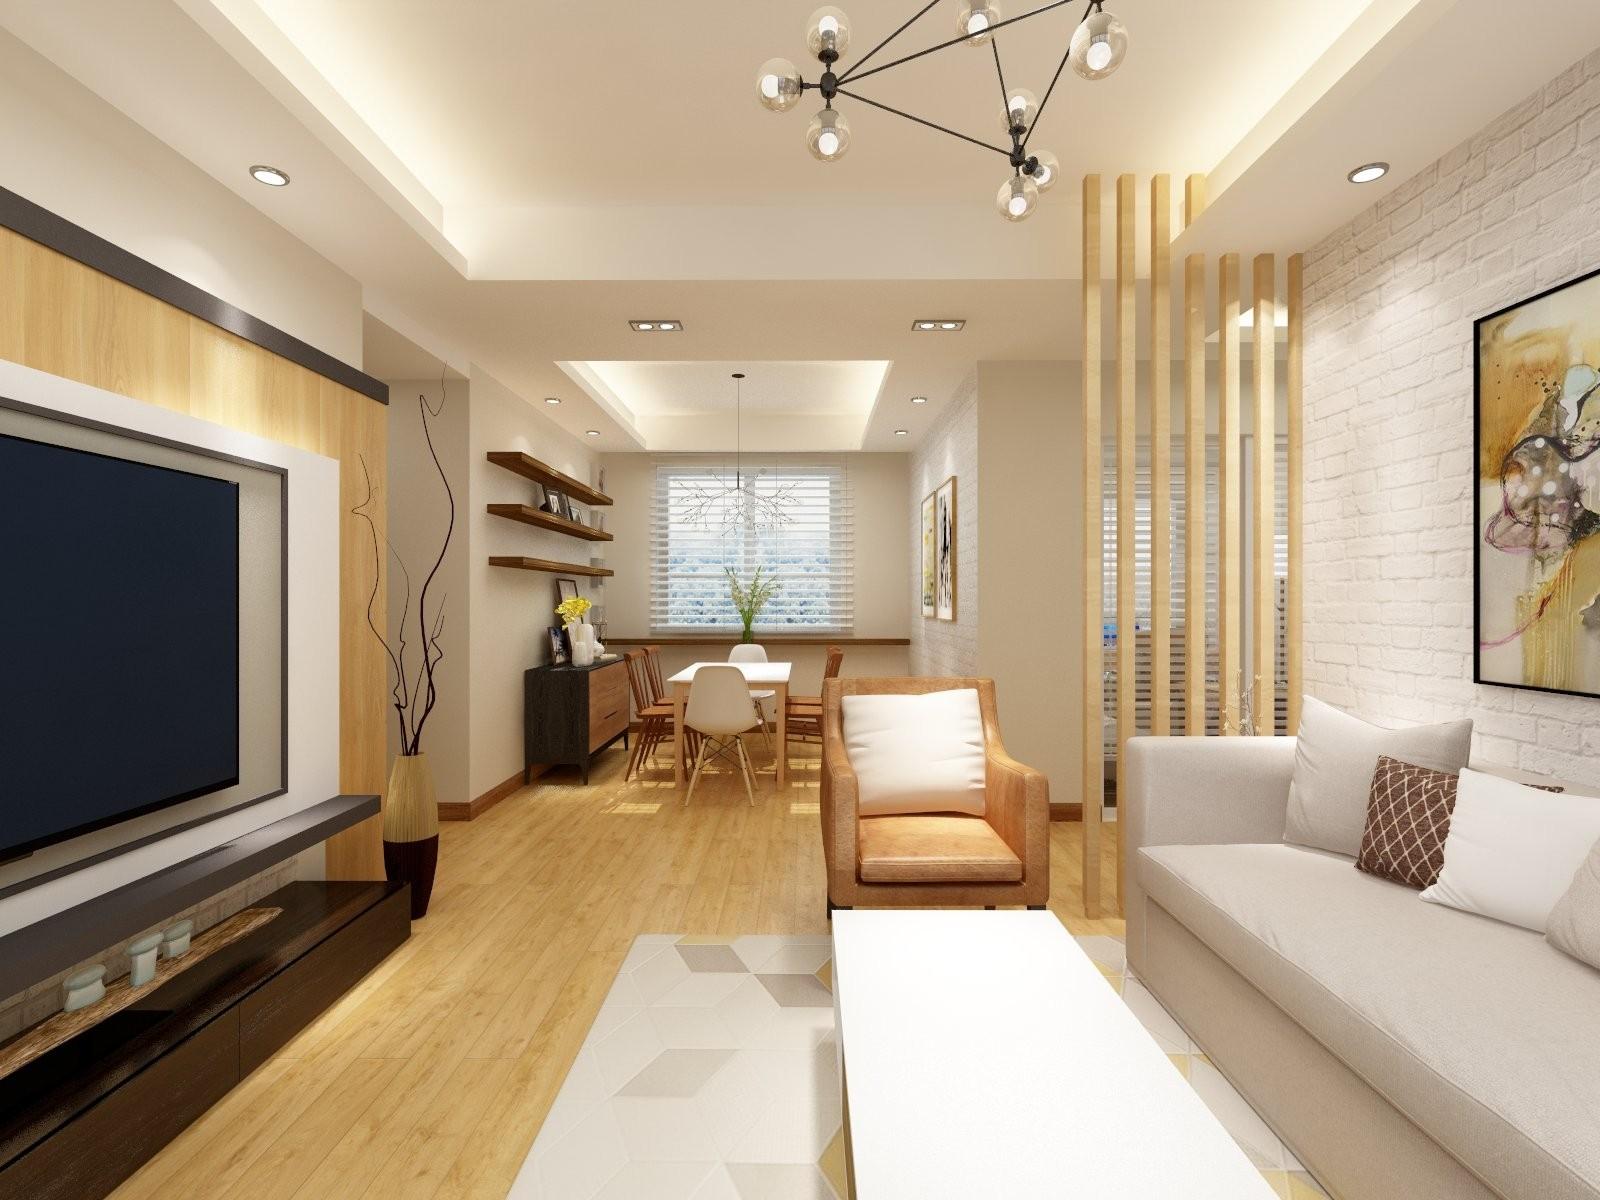 客厅装修的空间布局误区